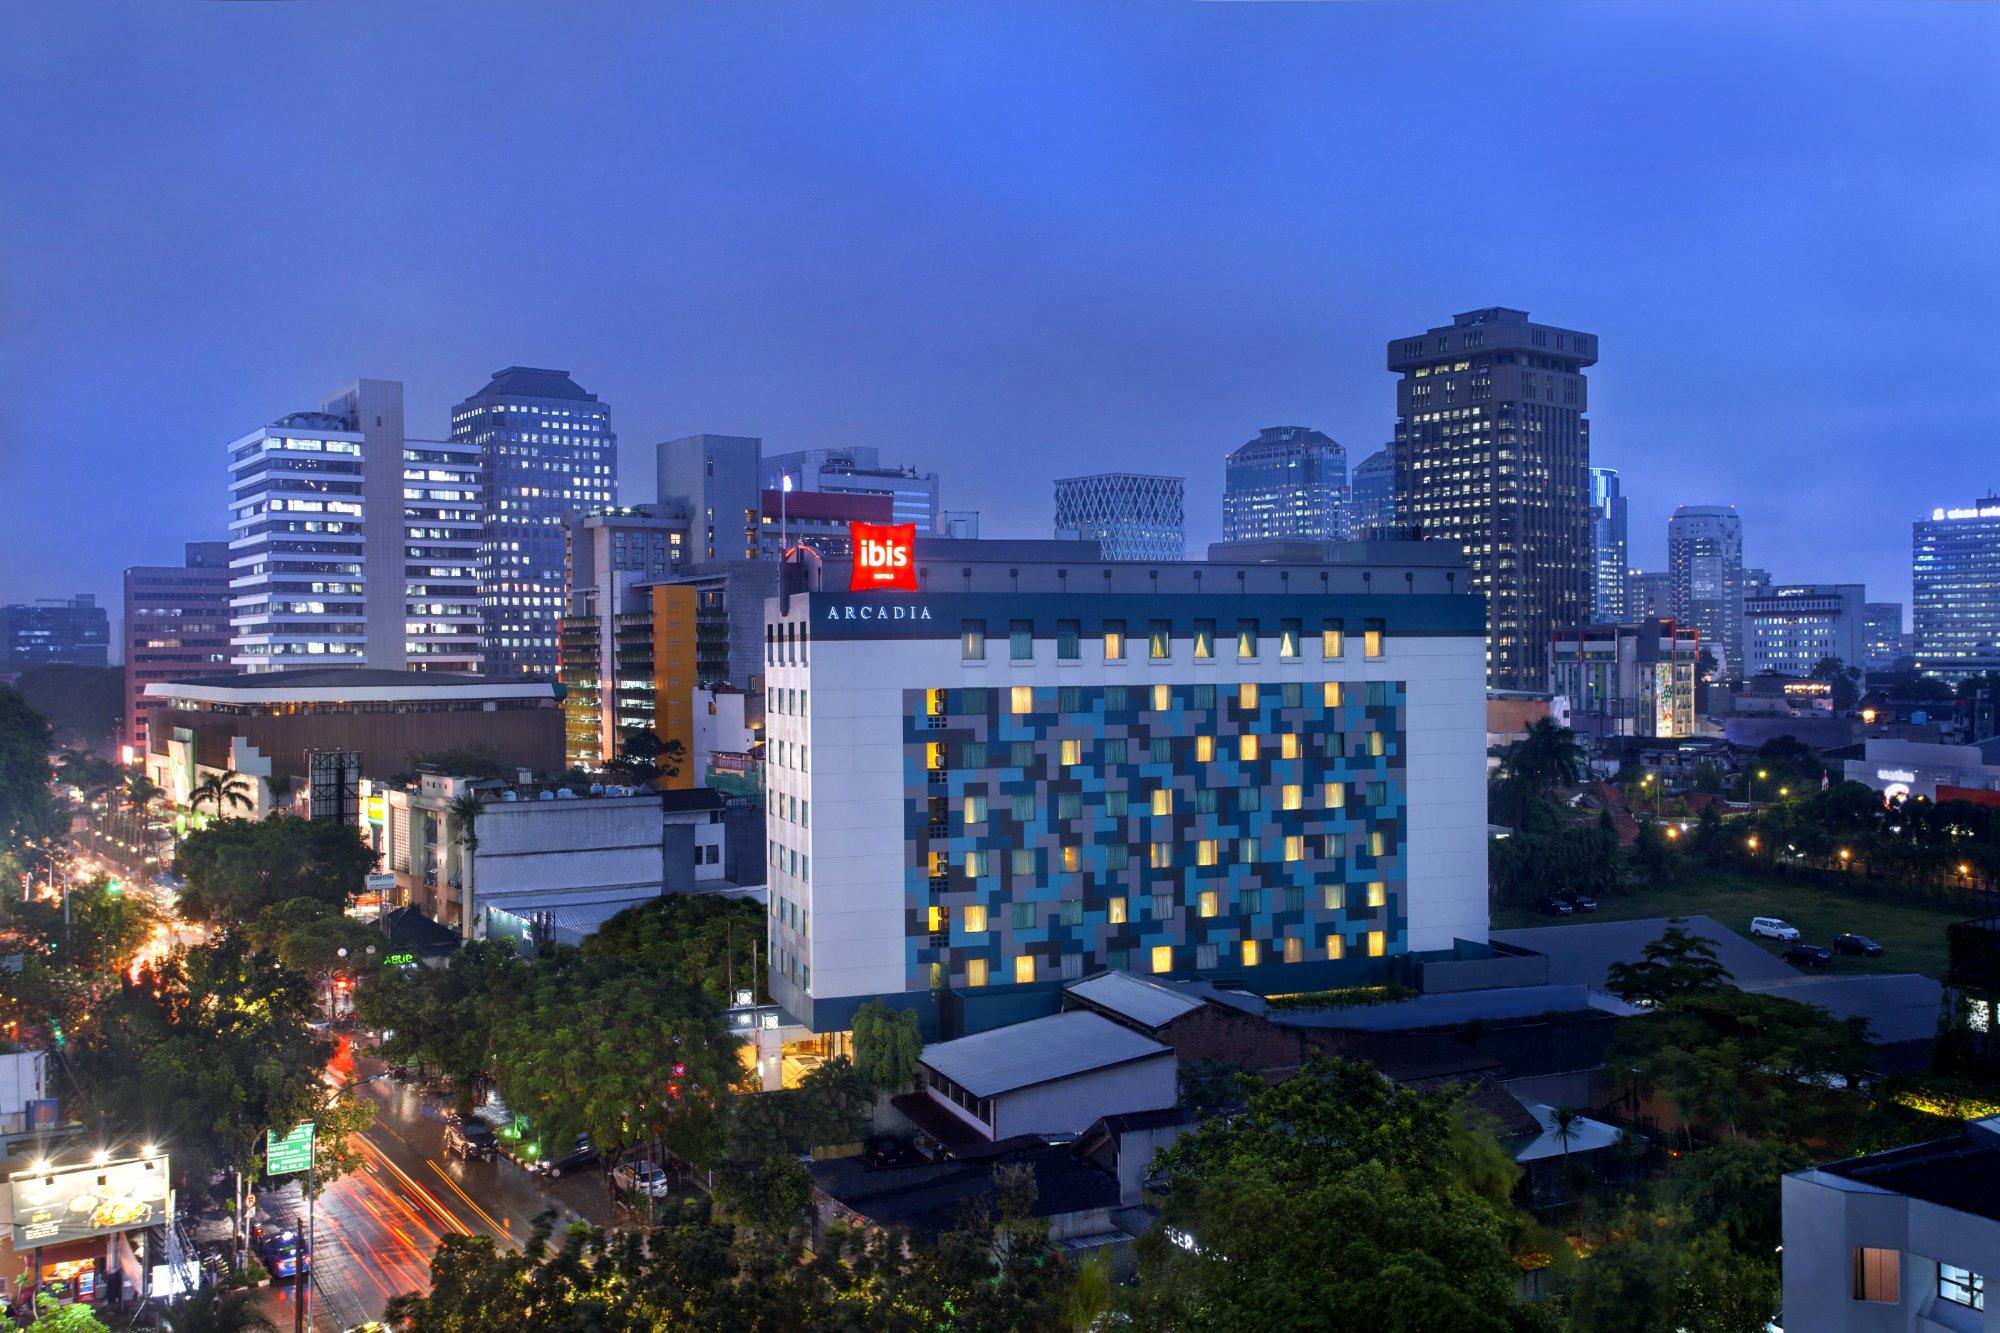 雅加达阿卡迪亚宜必思酒店